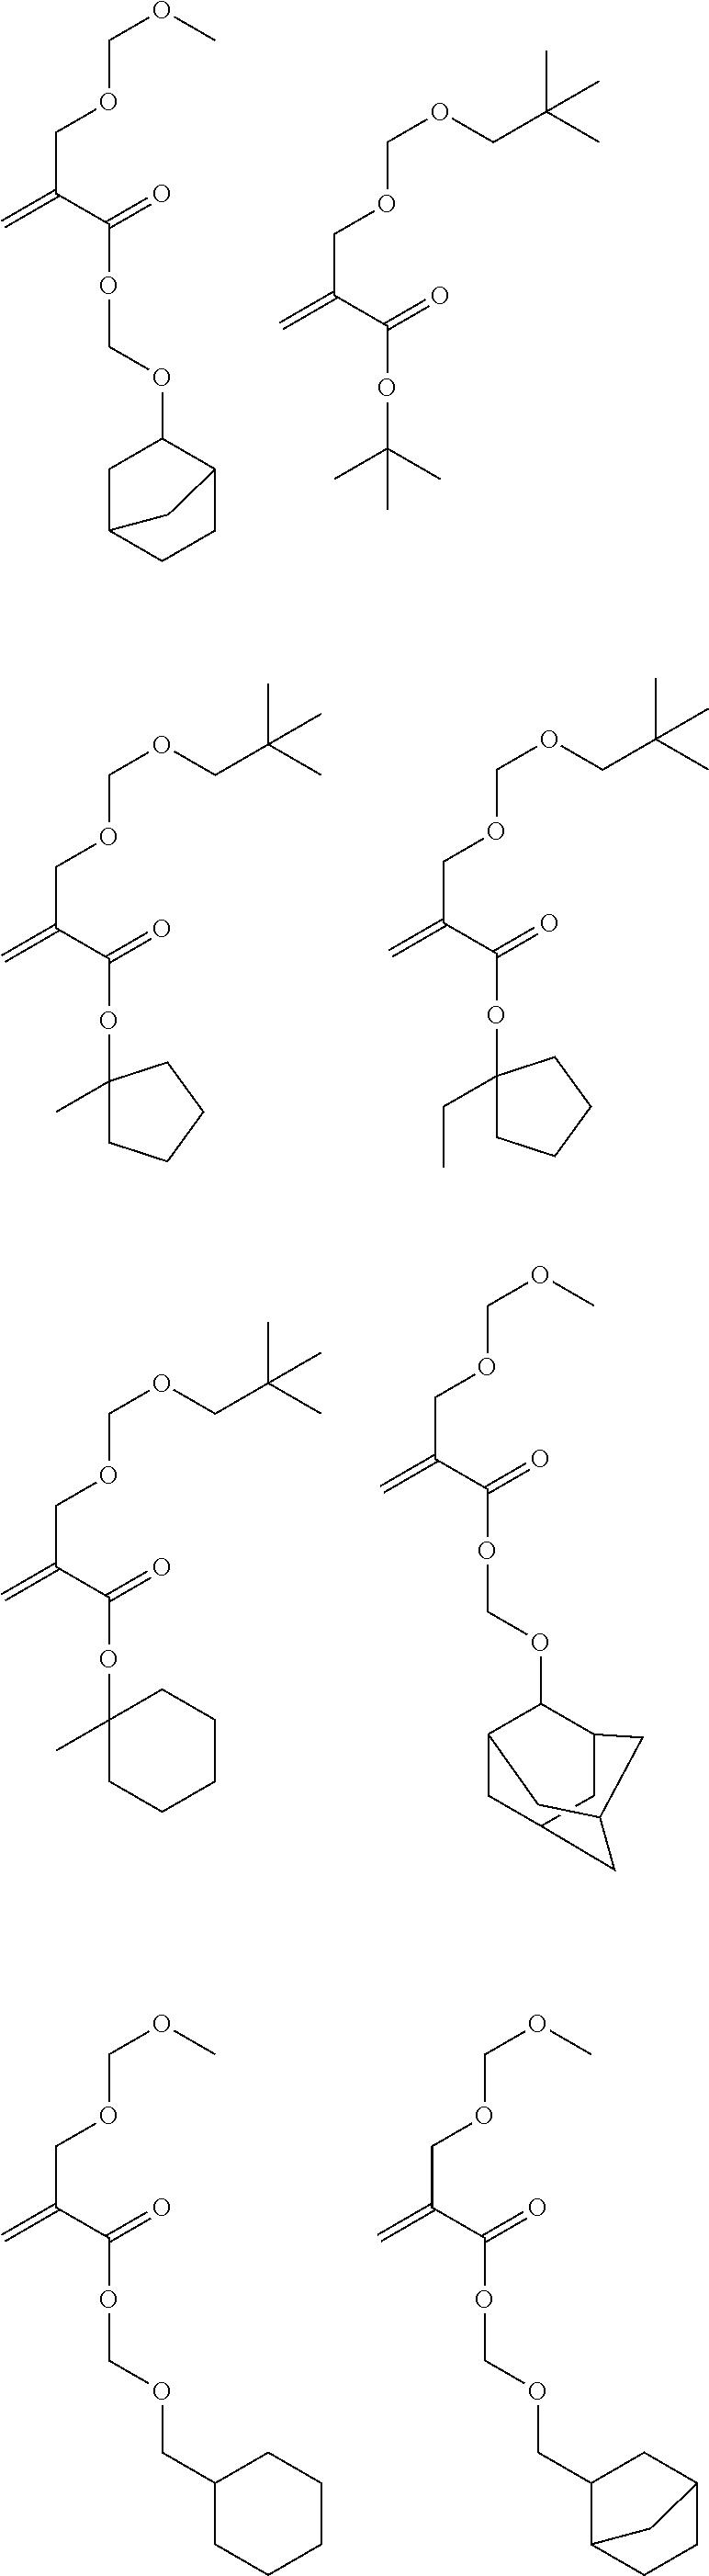 Figure US08822136-20140902-C00092